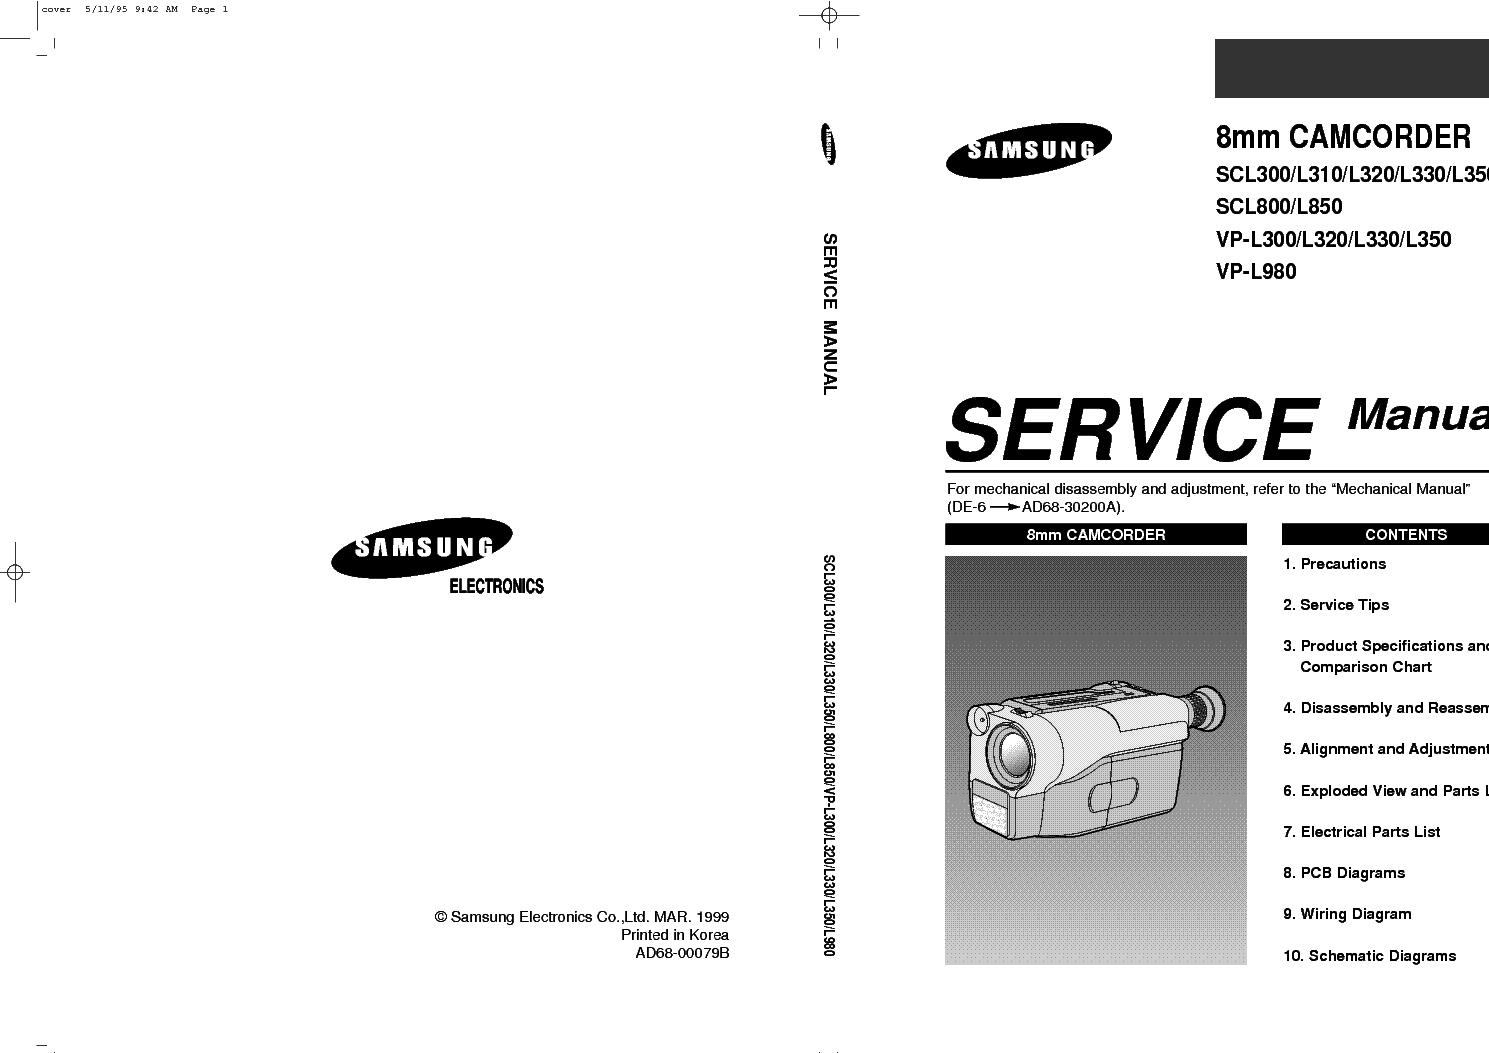 ...инструкция по ремонту, service manual Samsung, сервисная инструкция самсунг, schematic diagram, схема...